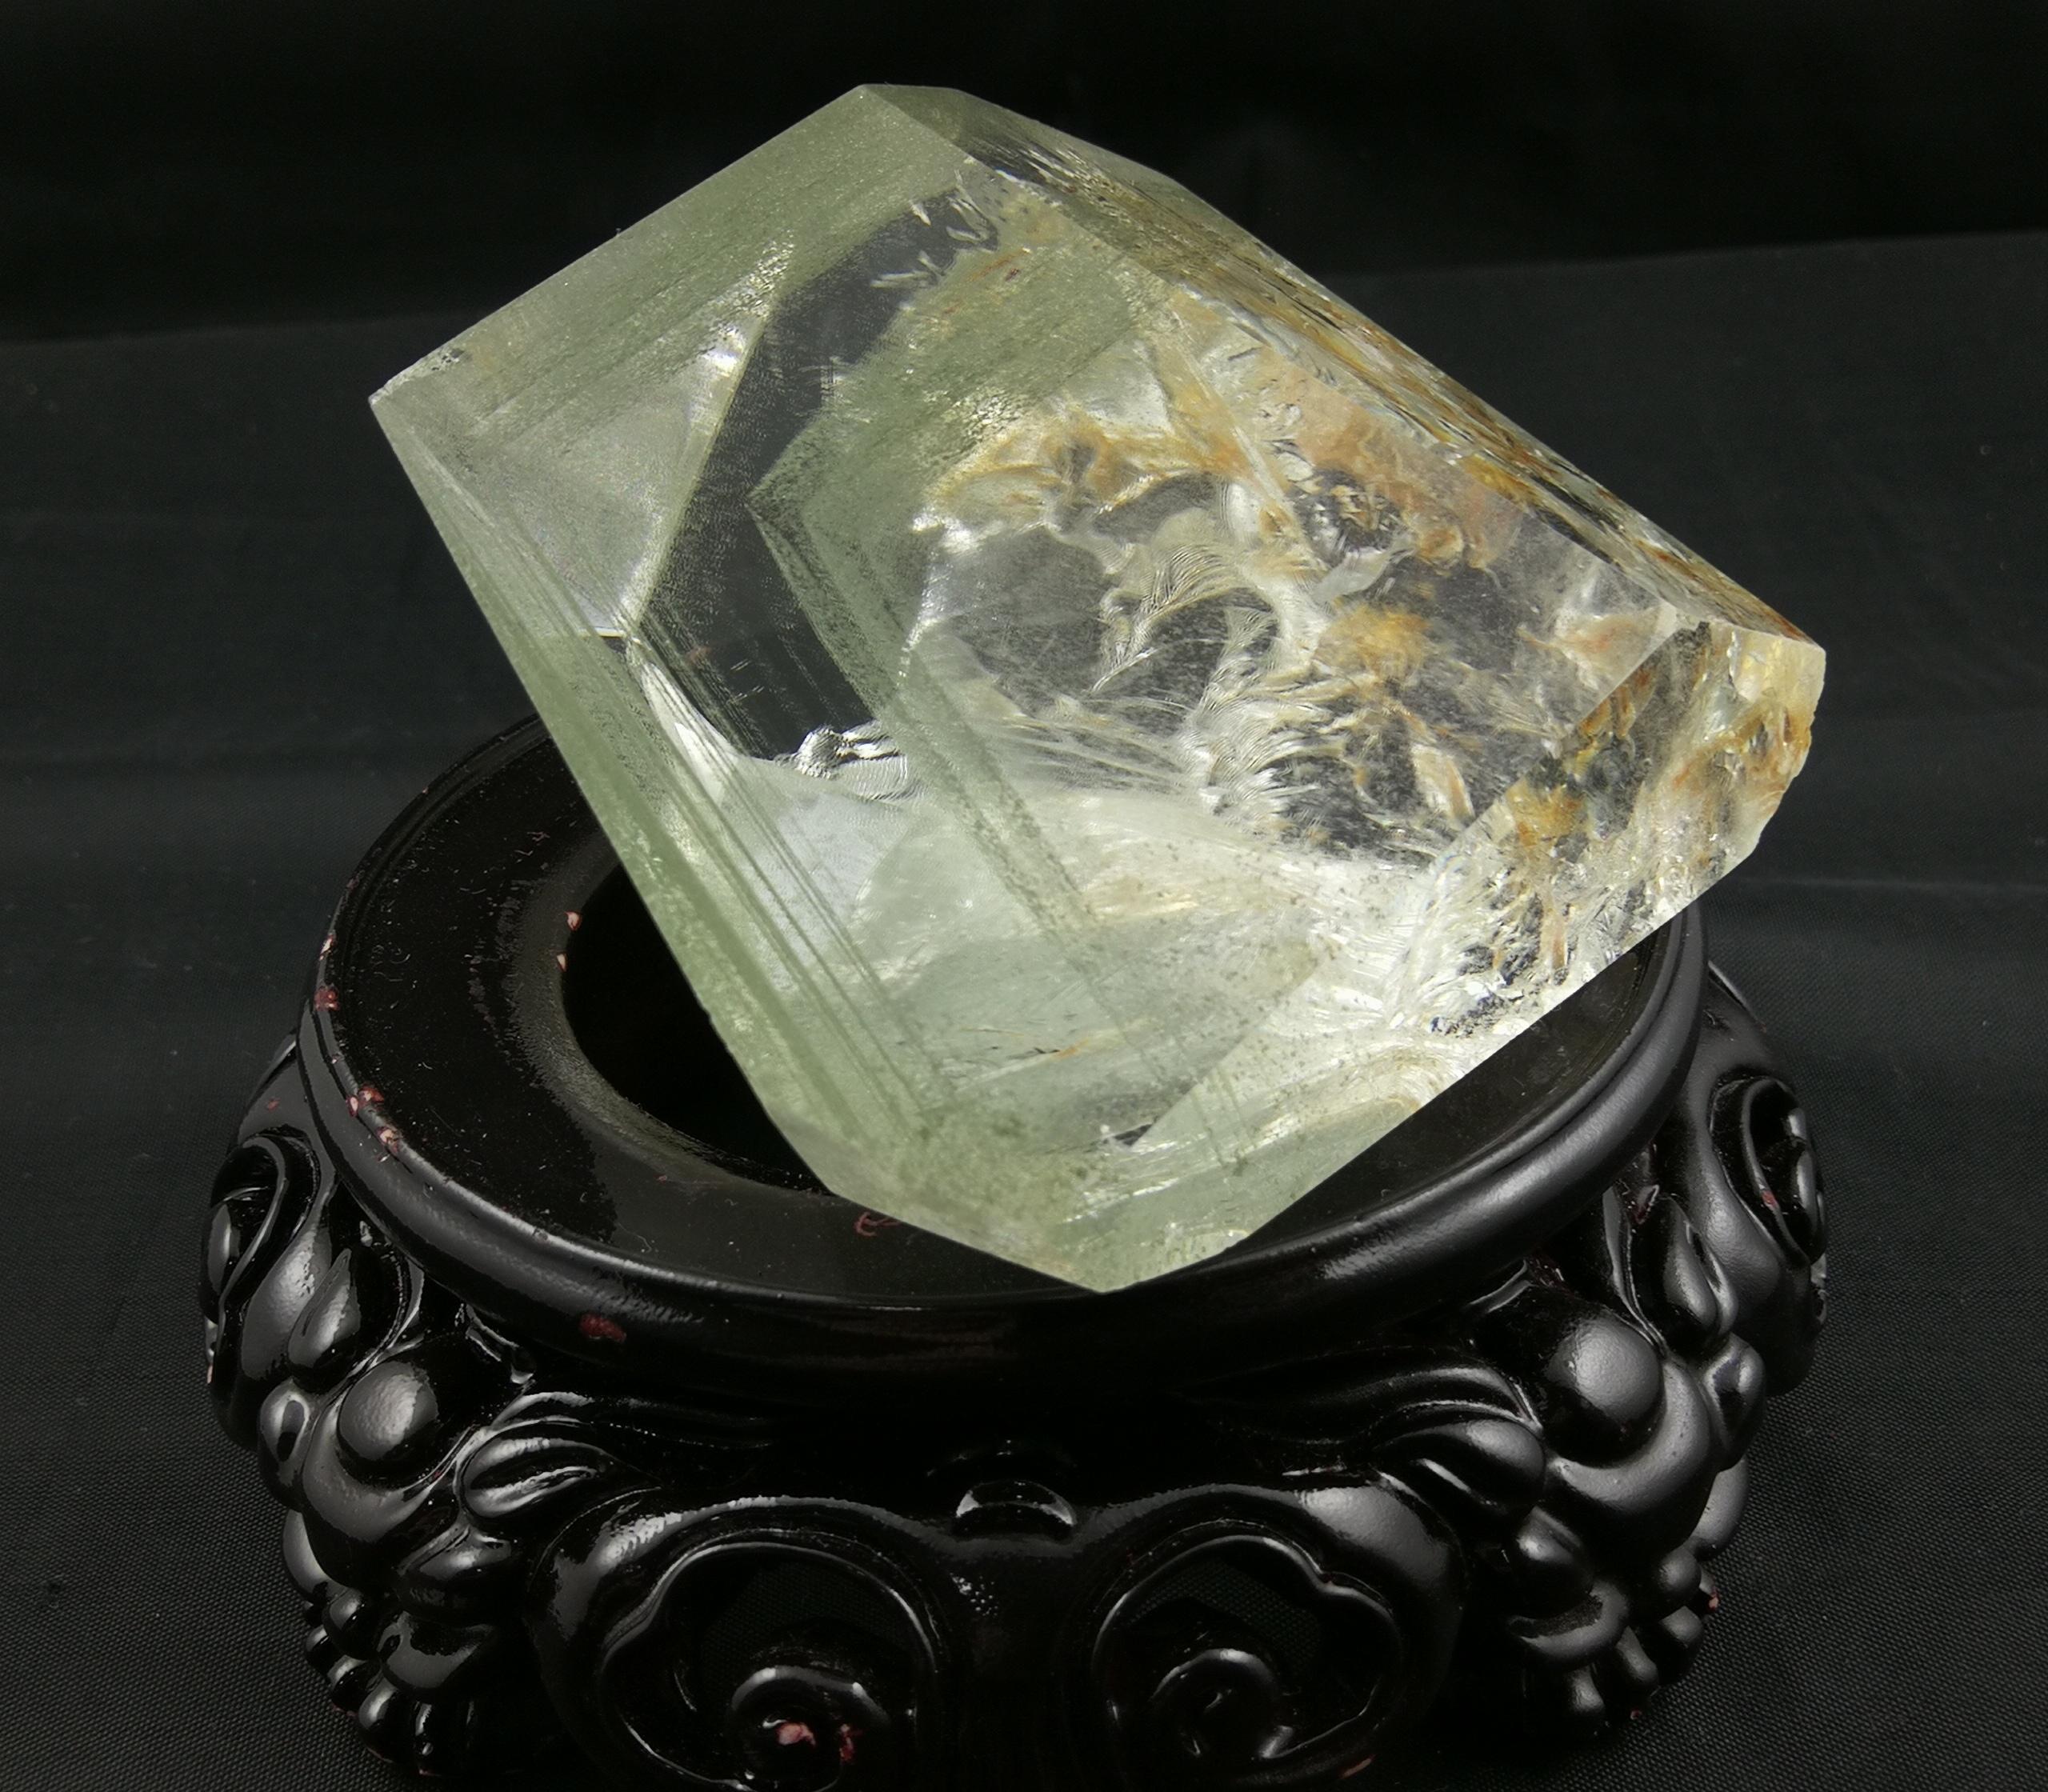 天然綠幽靈神秘金字塔千層山水晶招財聚財靈石之約步步高升擺件,標價為基本價,具體咨詢賣家